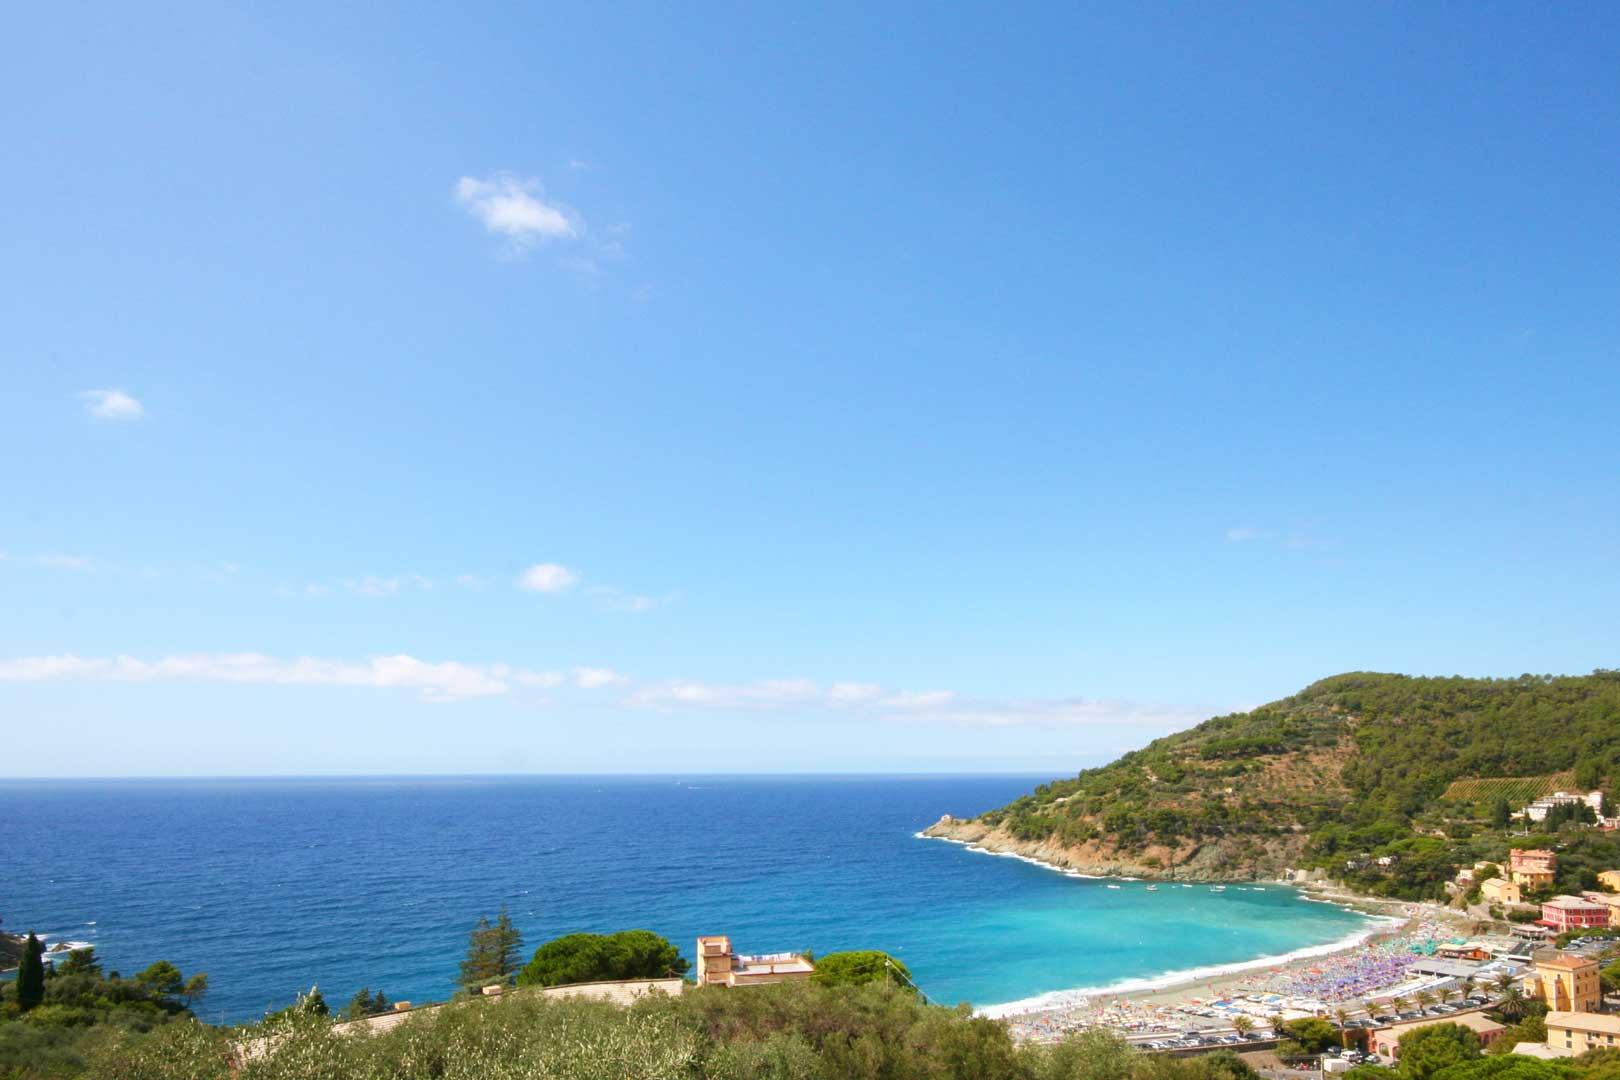 Cinque Terre - Bonassola Beach